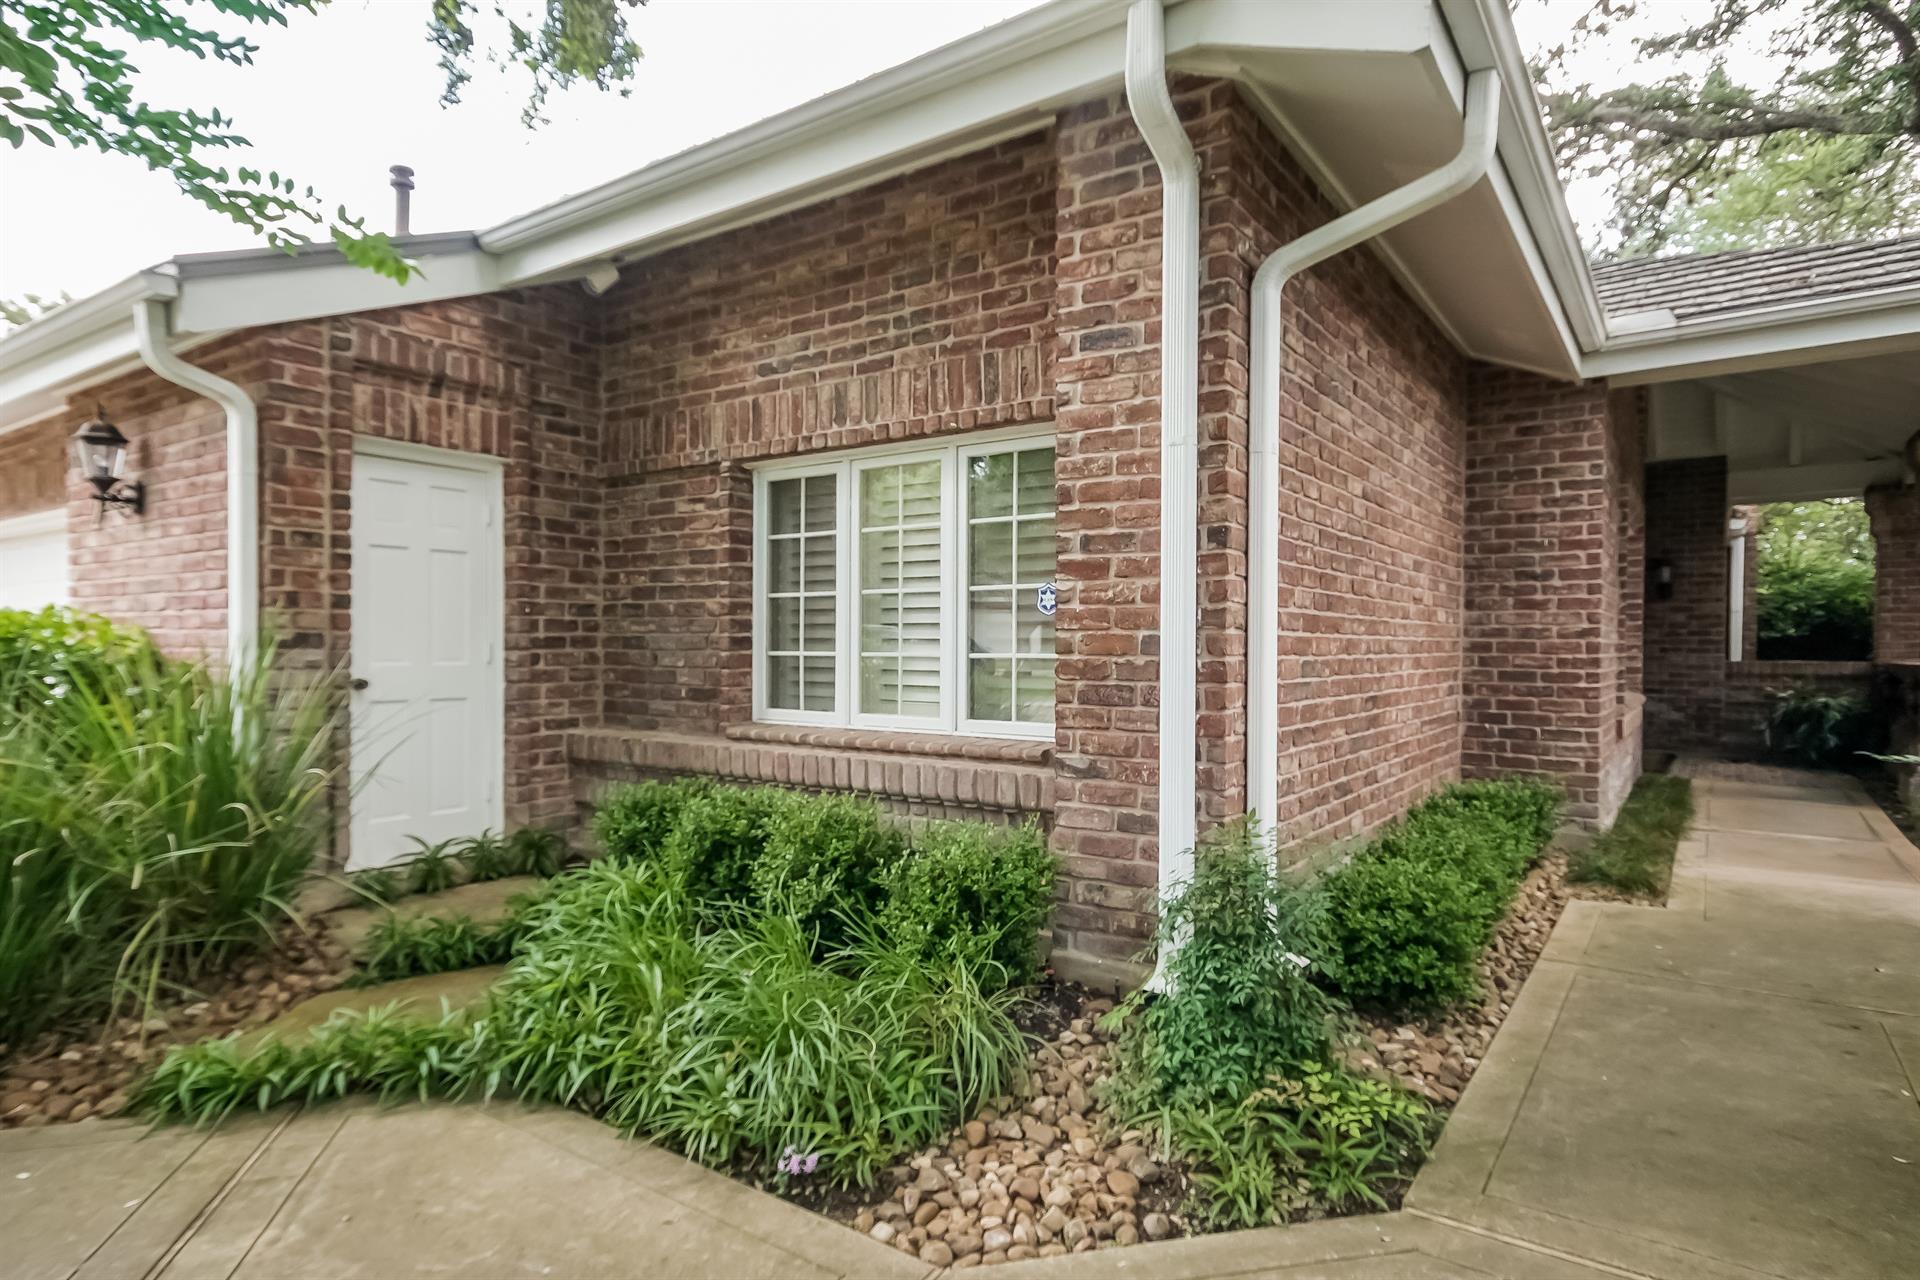 Residencial por un Venta en 2 Villa Bonita 2 Villa Bonita San Antonio, Texas 78230 Estados Unidos